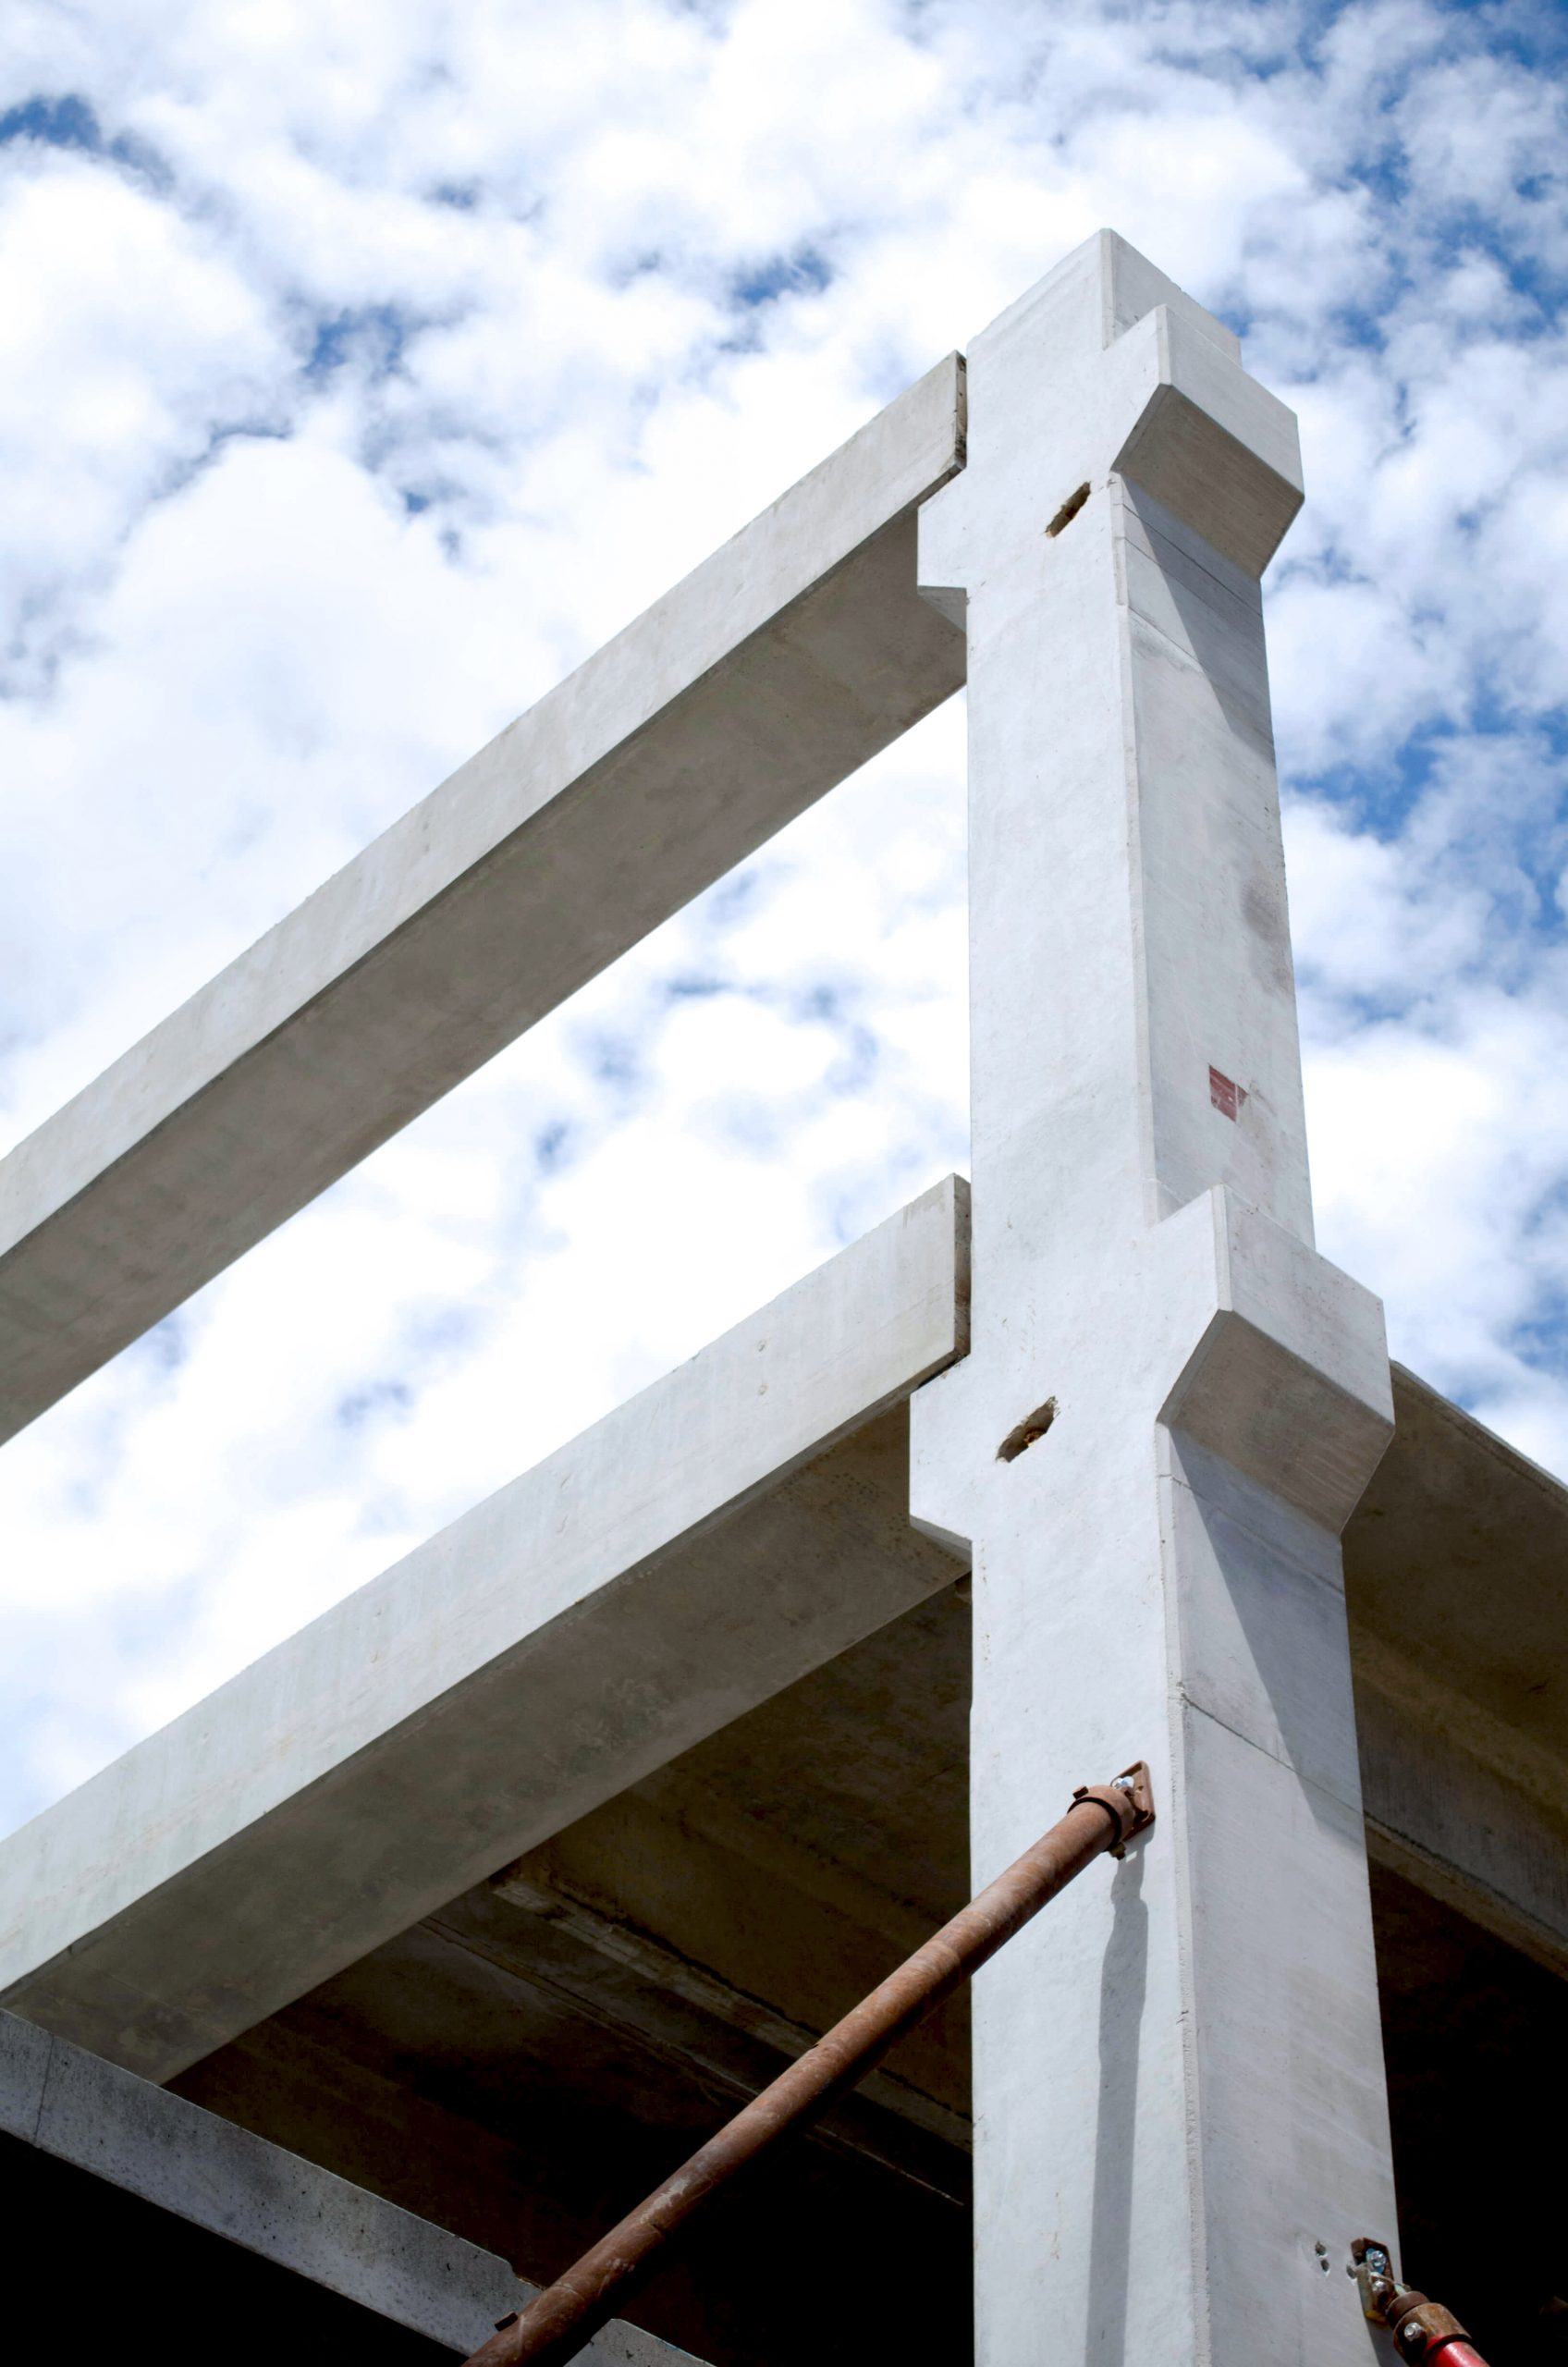 White interior column